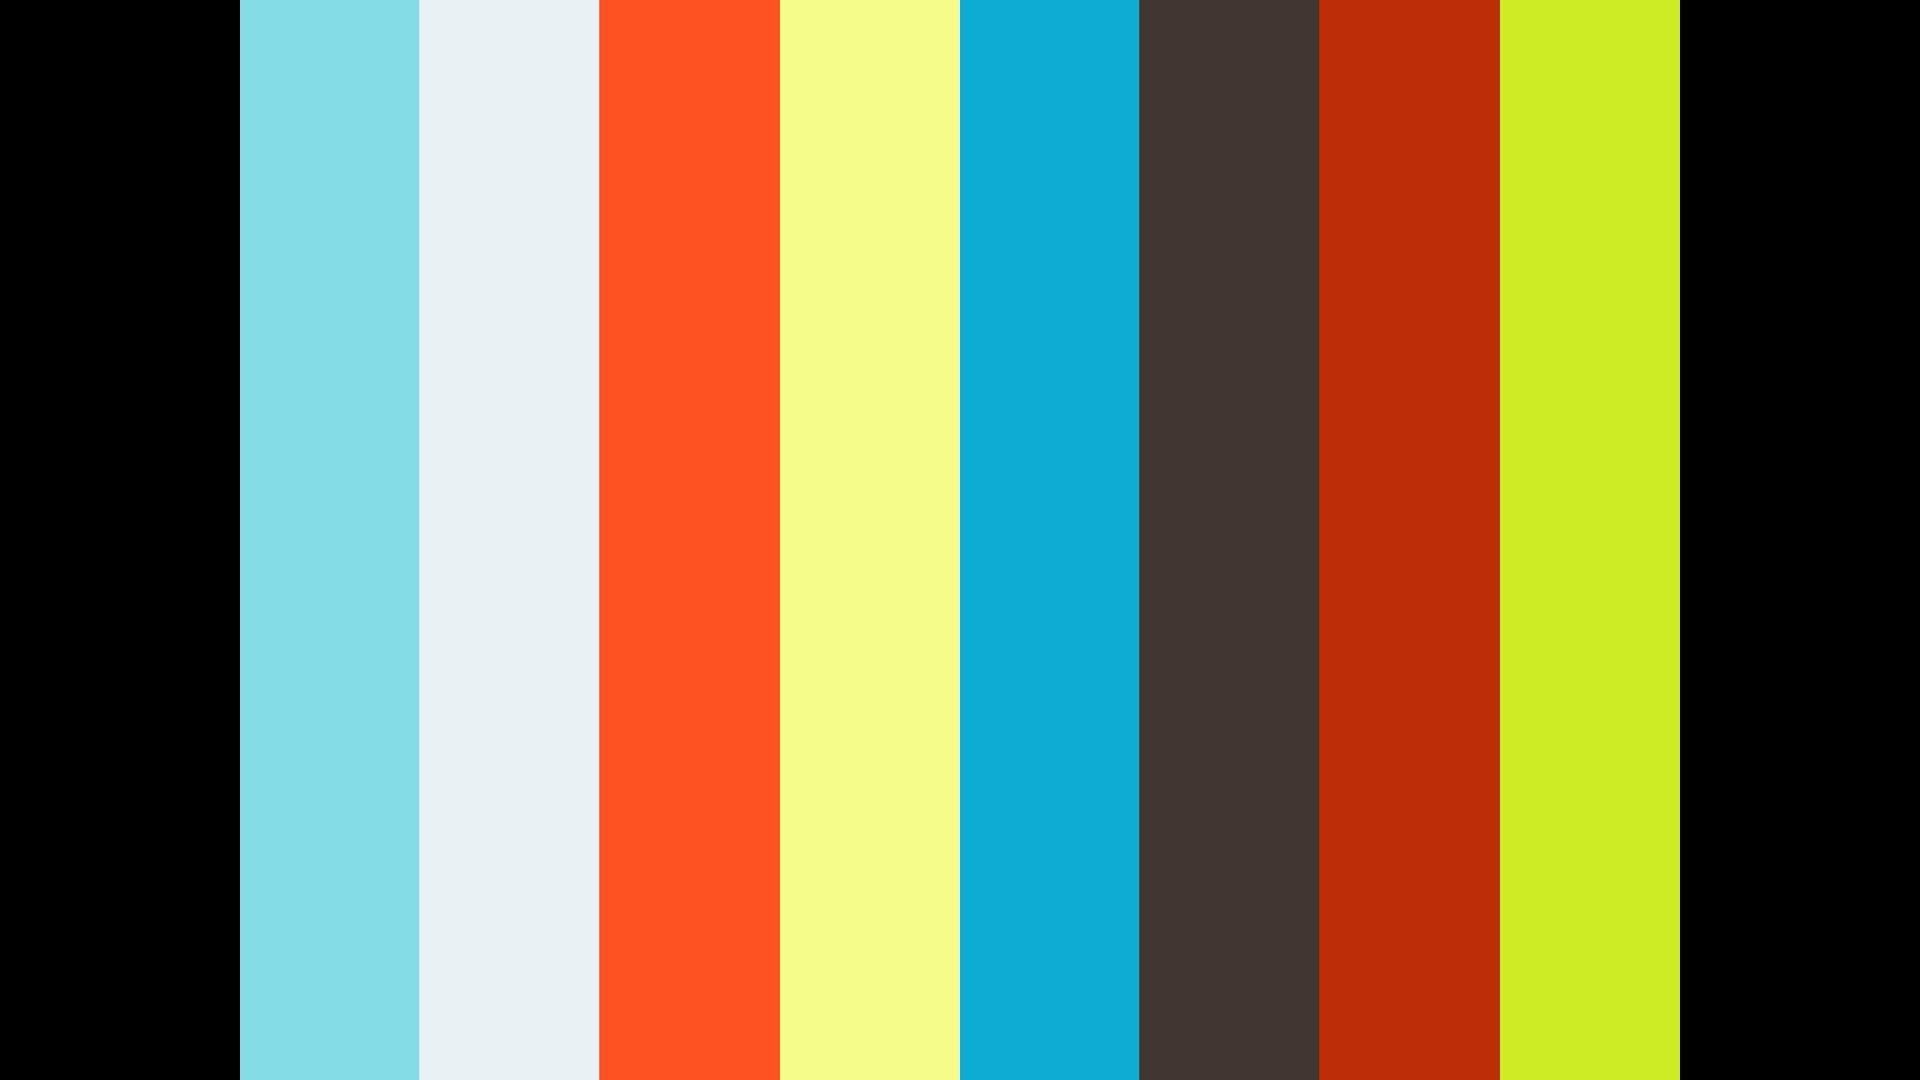 """VINICIO NARDO: """"ABBIAMO UN'UNICA VIA: PARTECIPARE, PARTECIPARE,PARTECIPARE"""" - versione corretta"""